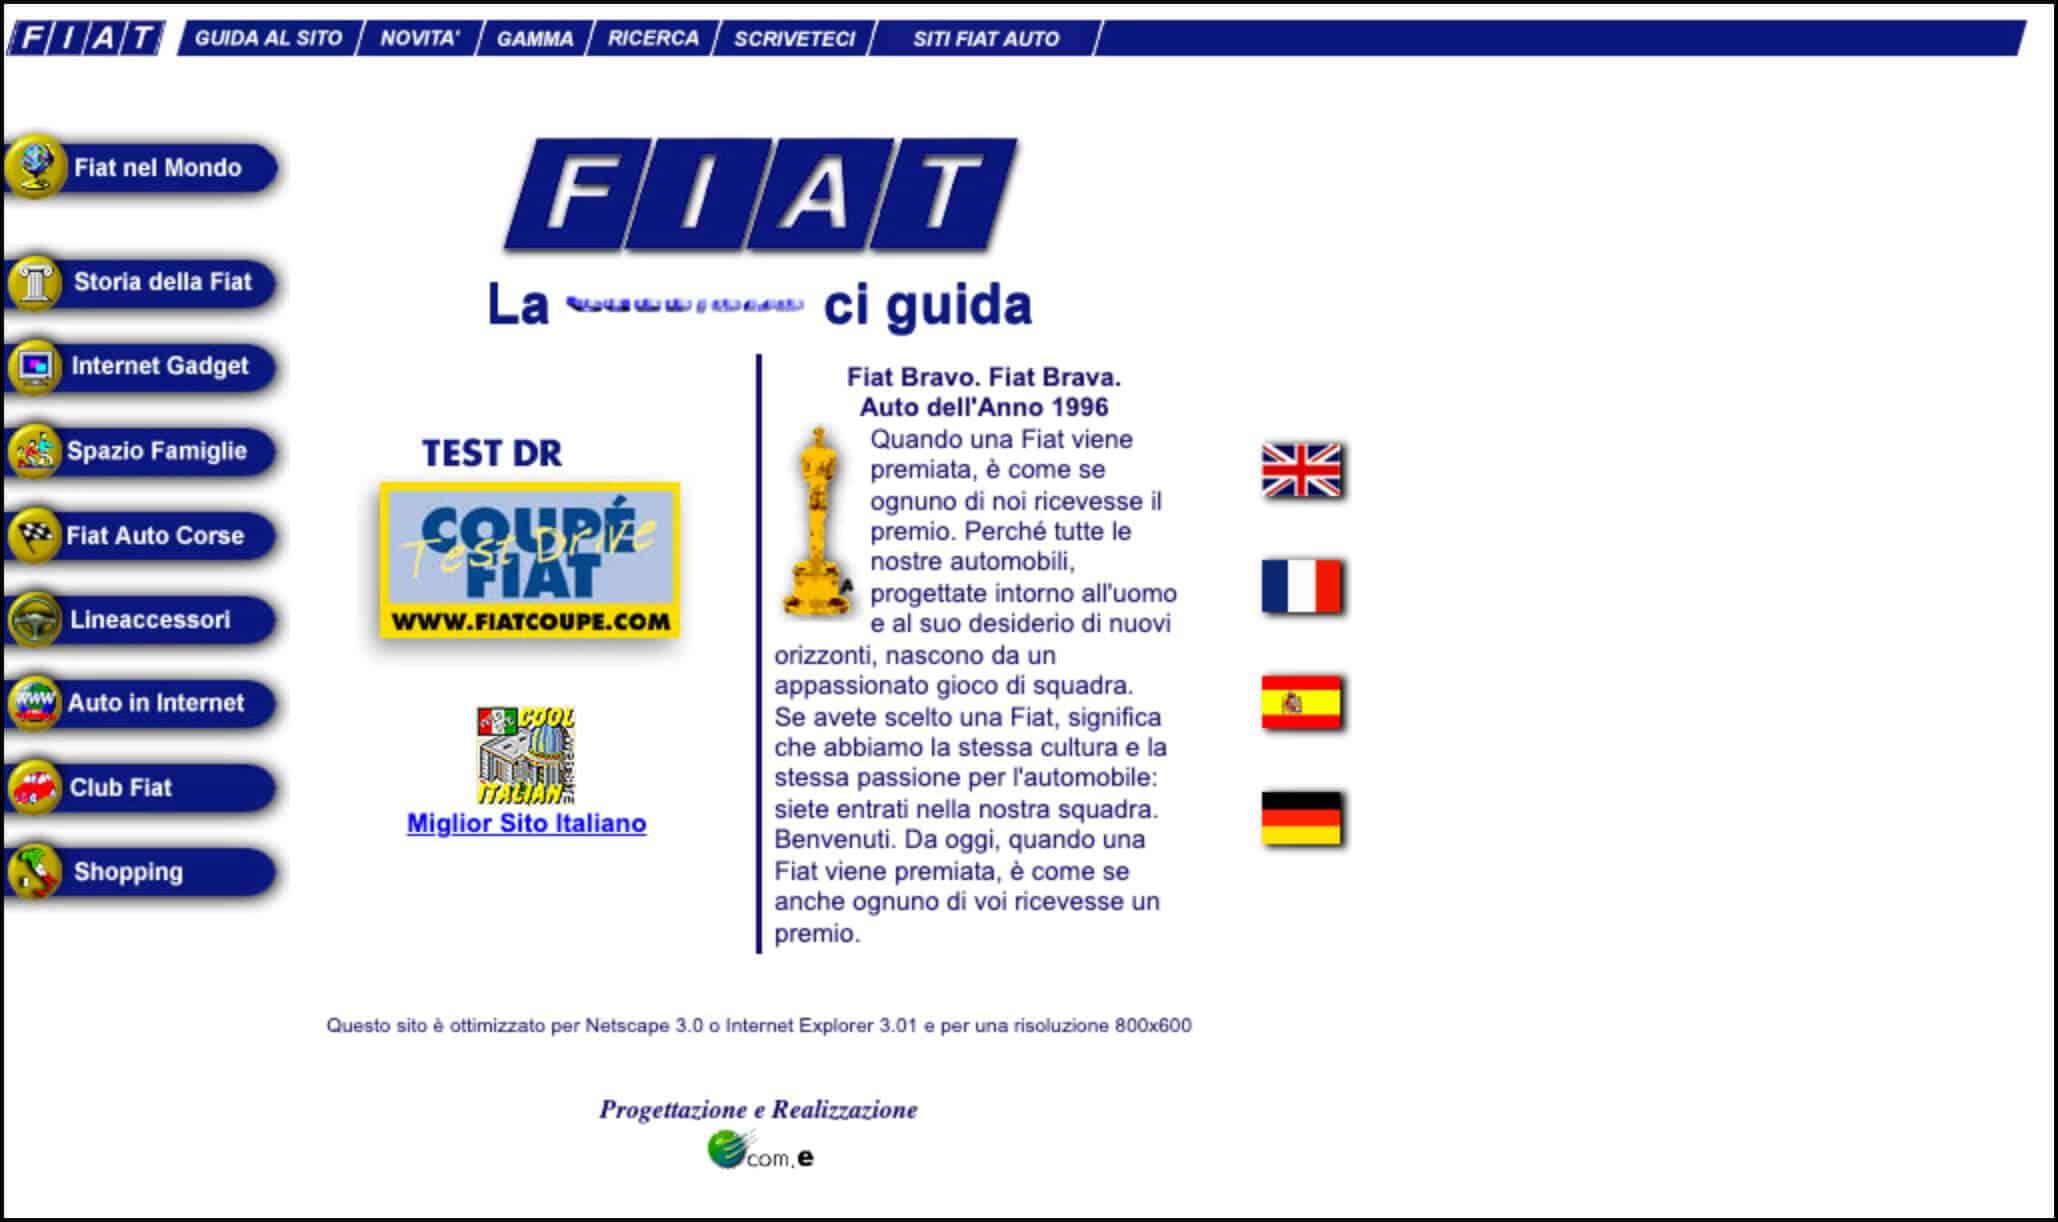 Fiat (1997)